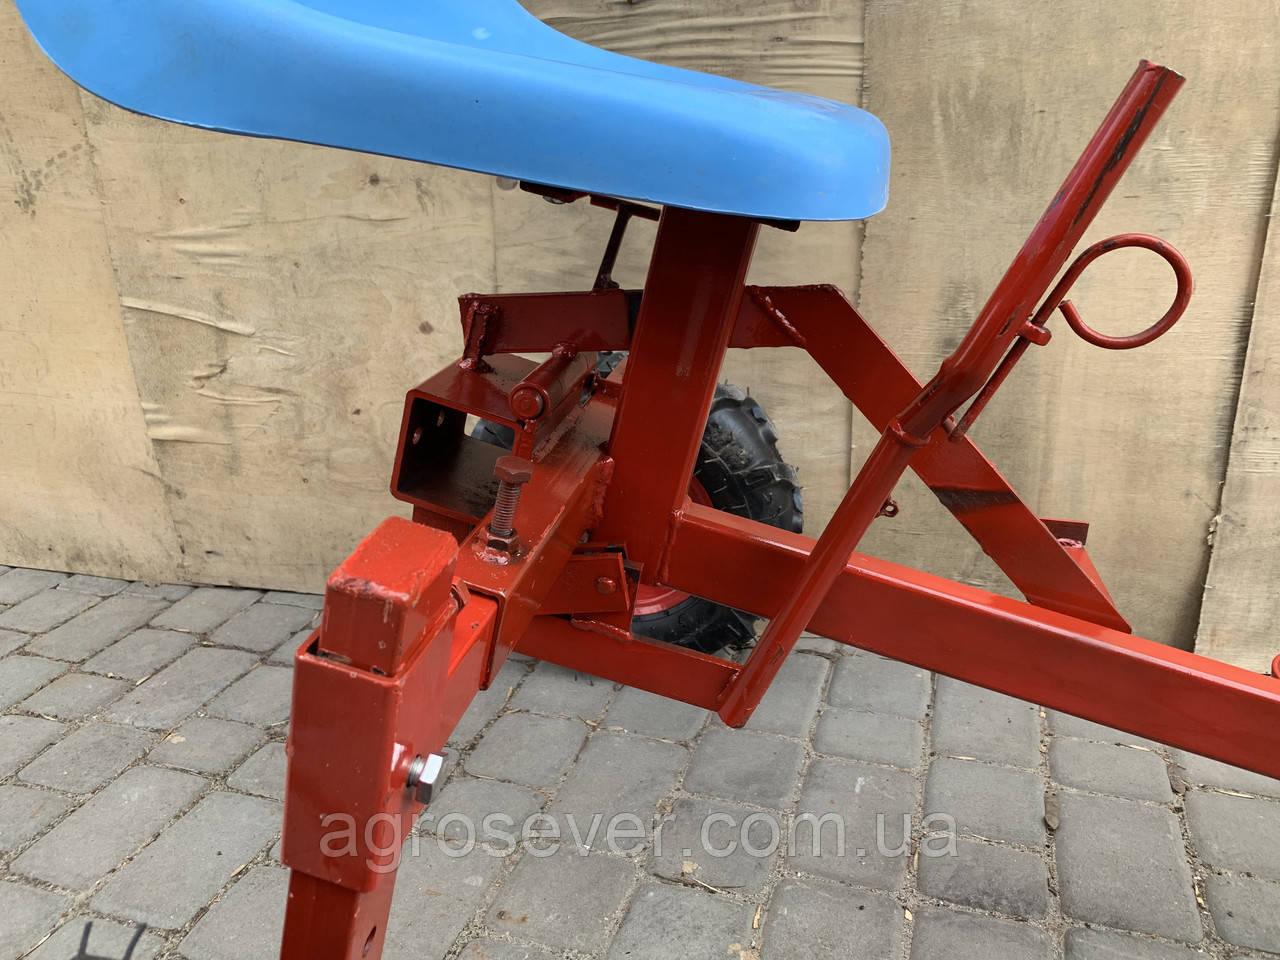 Адаптер к мотоблоку длинный универсальная ступица с колесами 4,00-8 мотоблок